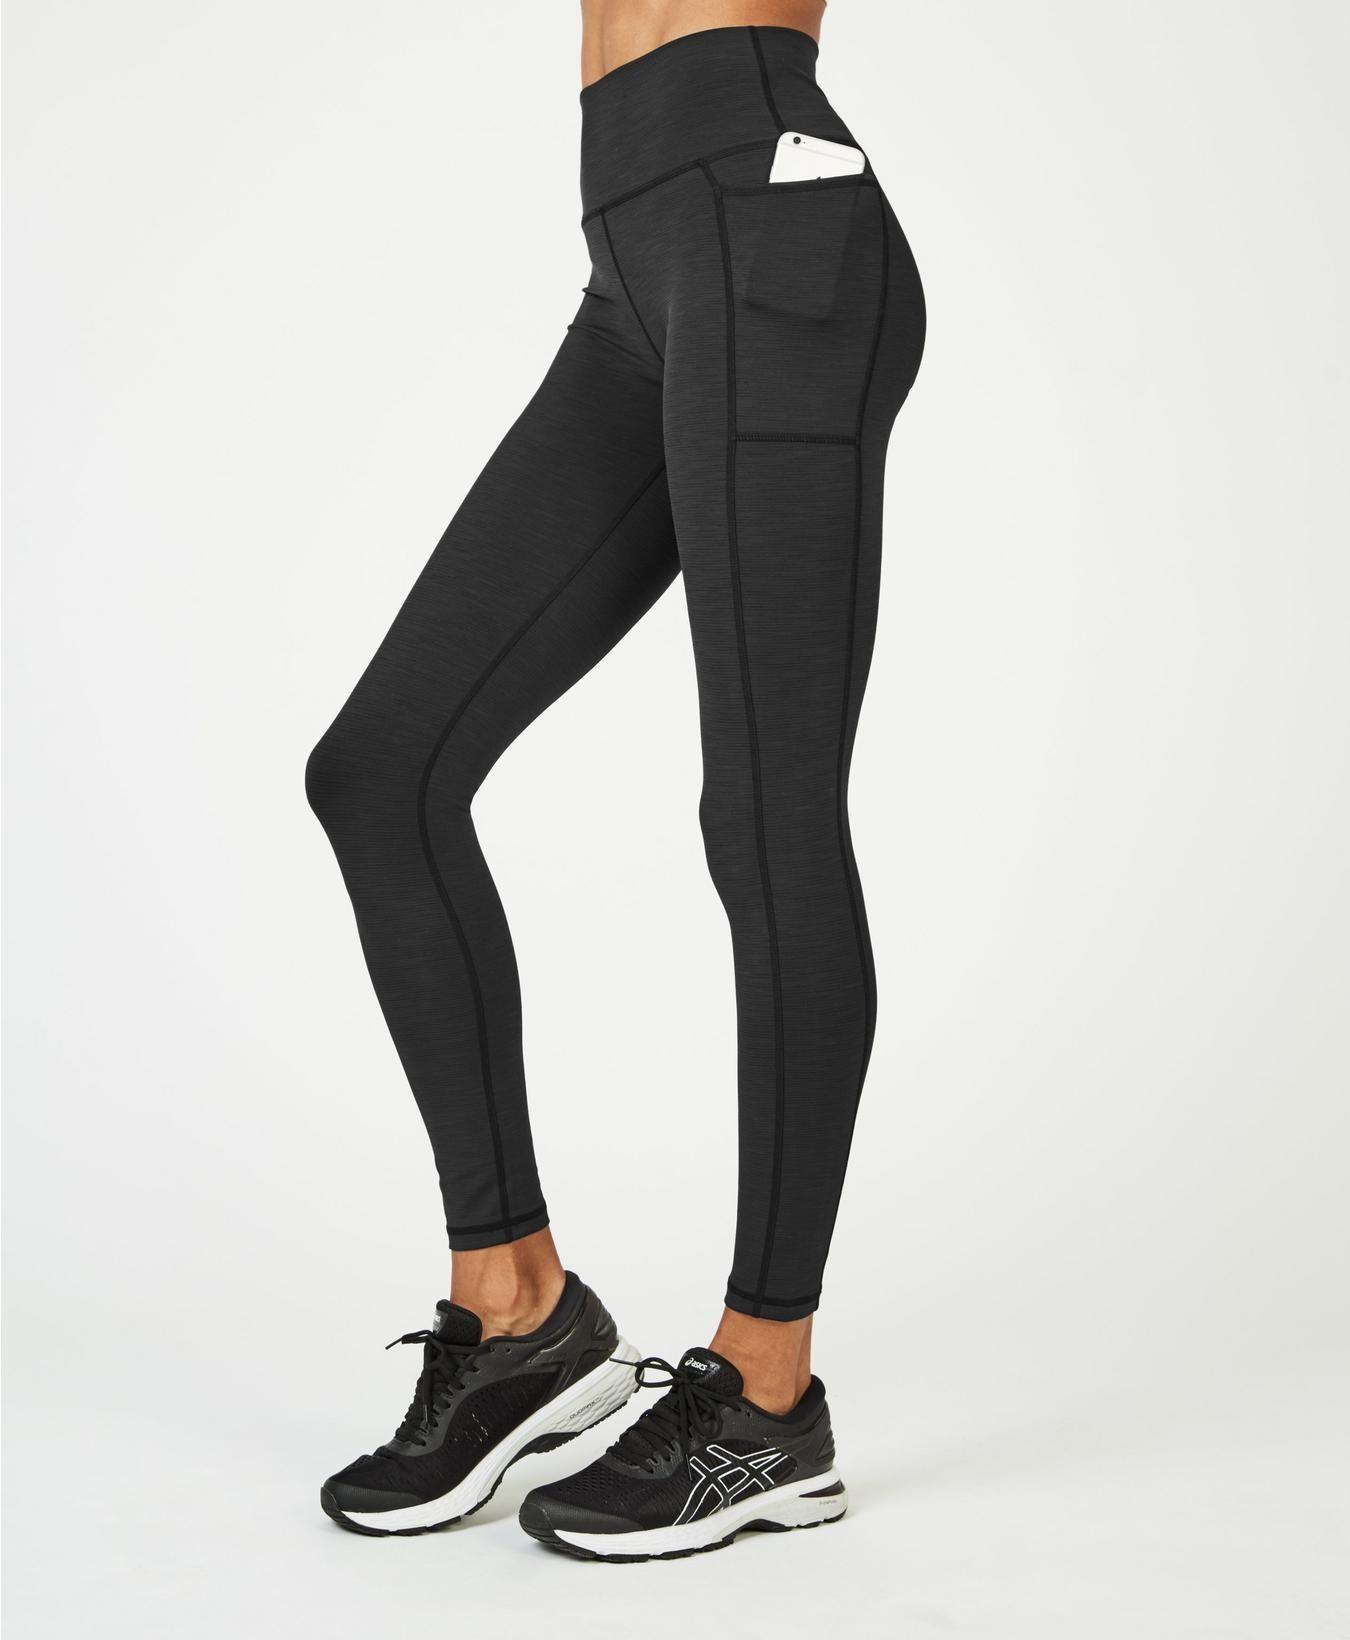 Women 7 point legging Snake Skin printed legging S-4XL Side pocket Legging